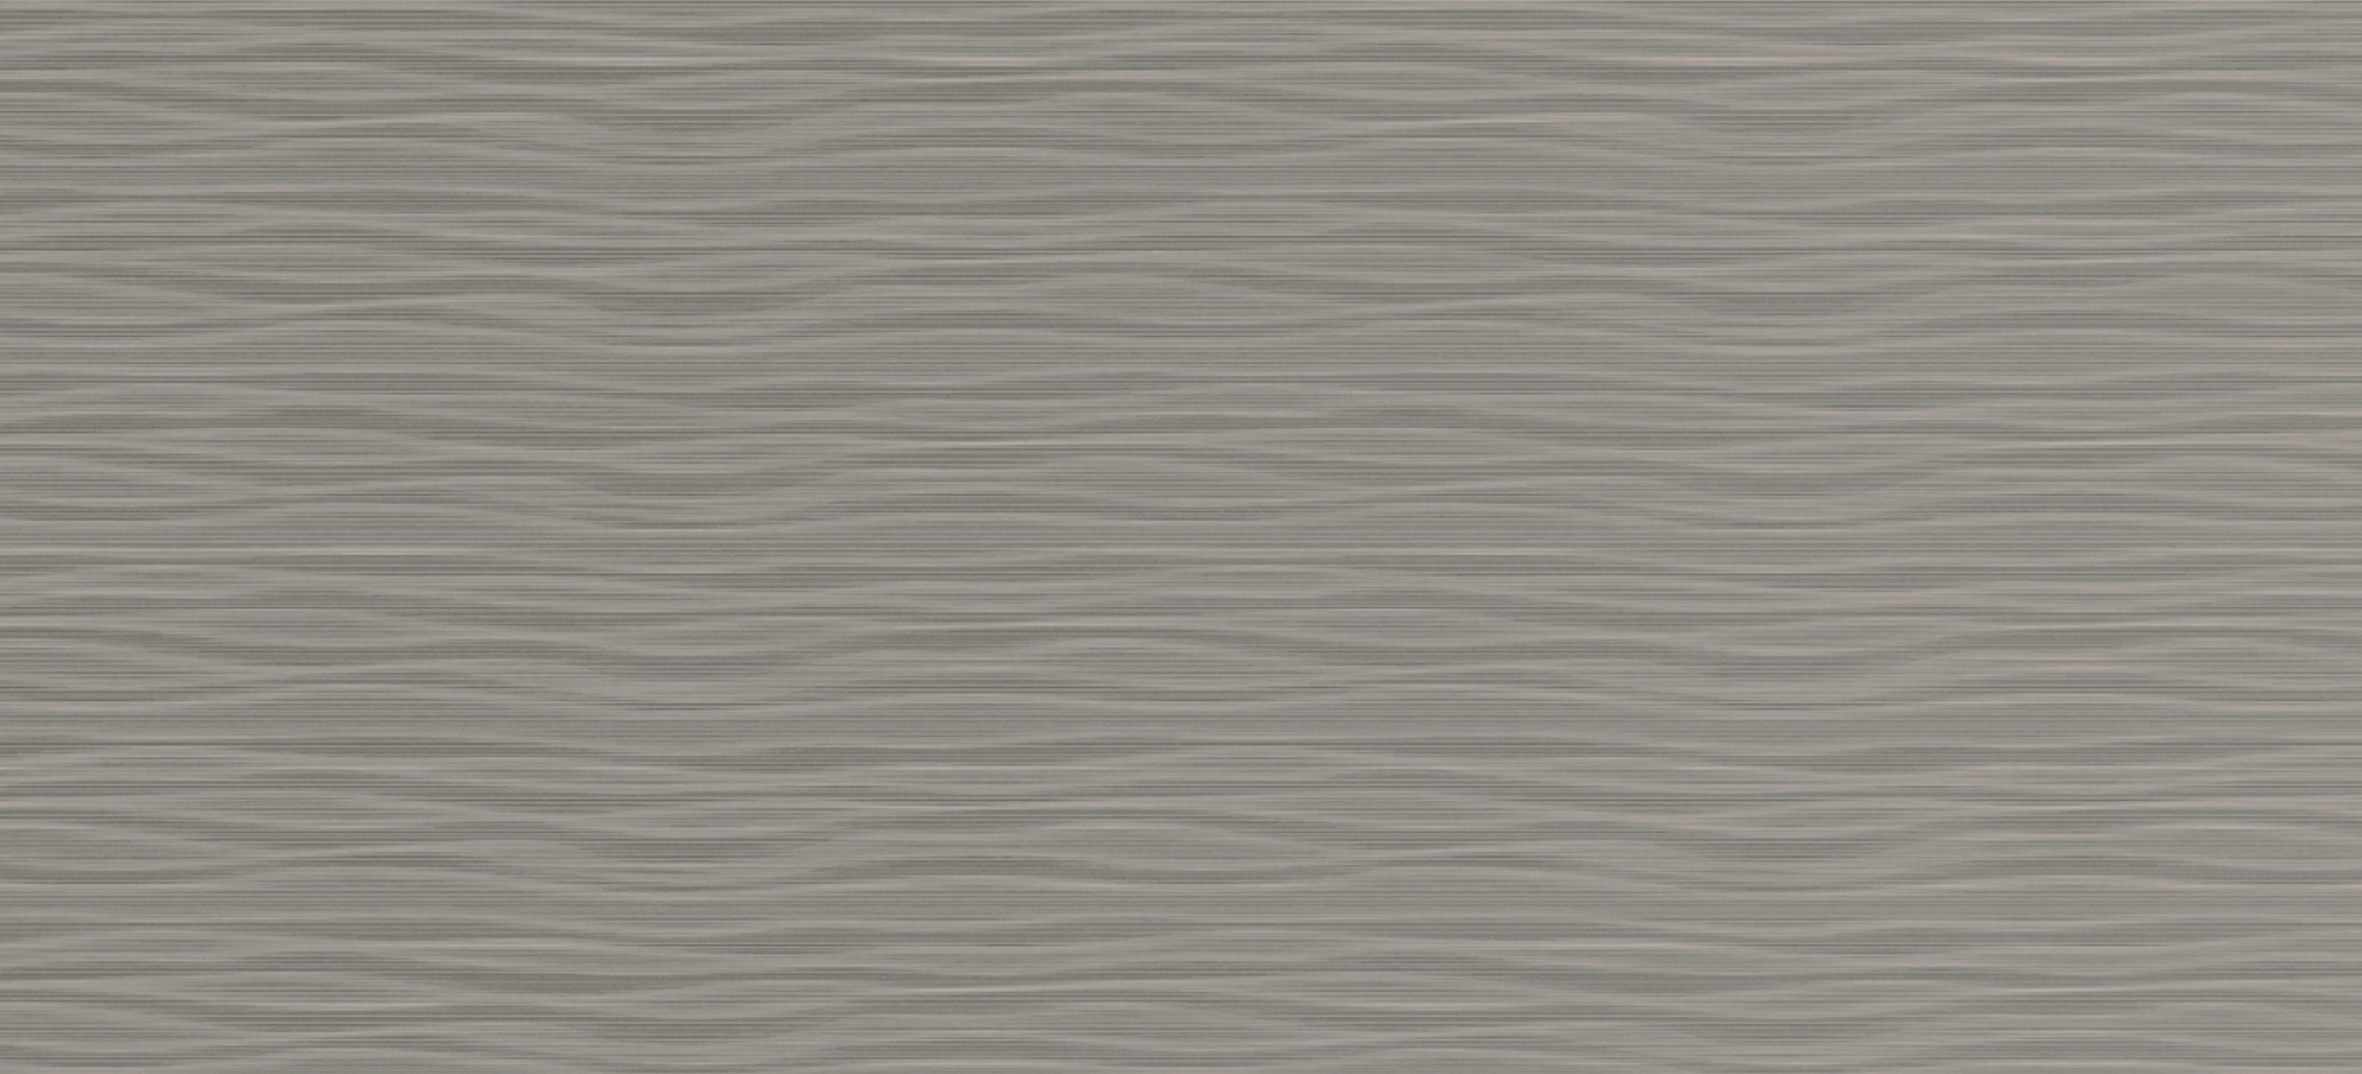 6030/25, Grenadines - poistuva, Harmaa, seina